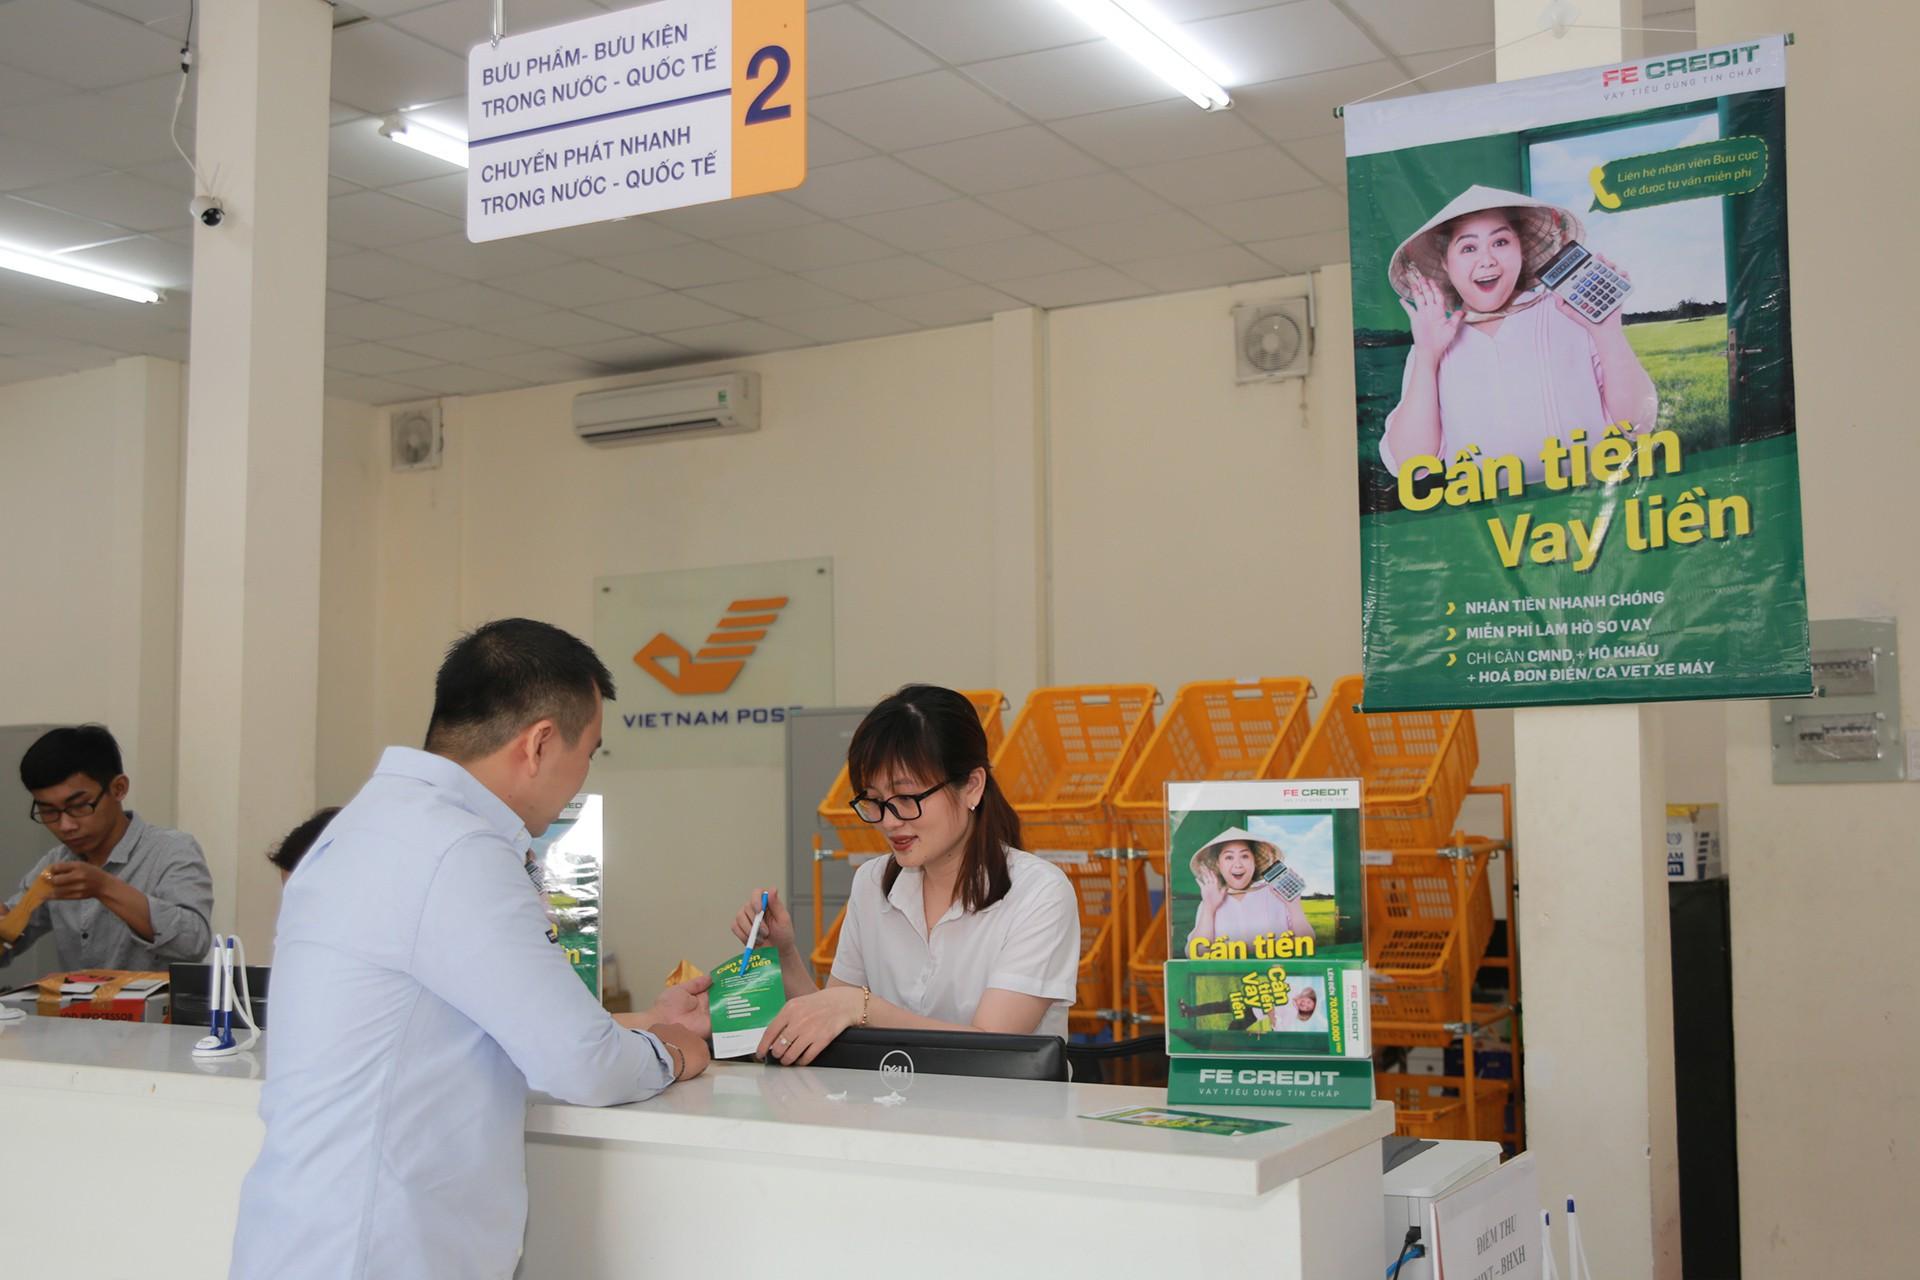 FE CREDIT hợp tác với Bưu điện Việt Nam giới thiệu dịch vụ cho vay tiêu dùng tới khu vực nông thôn - Ảnh 2.